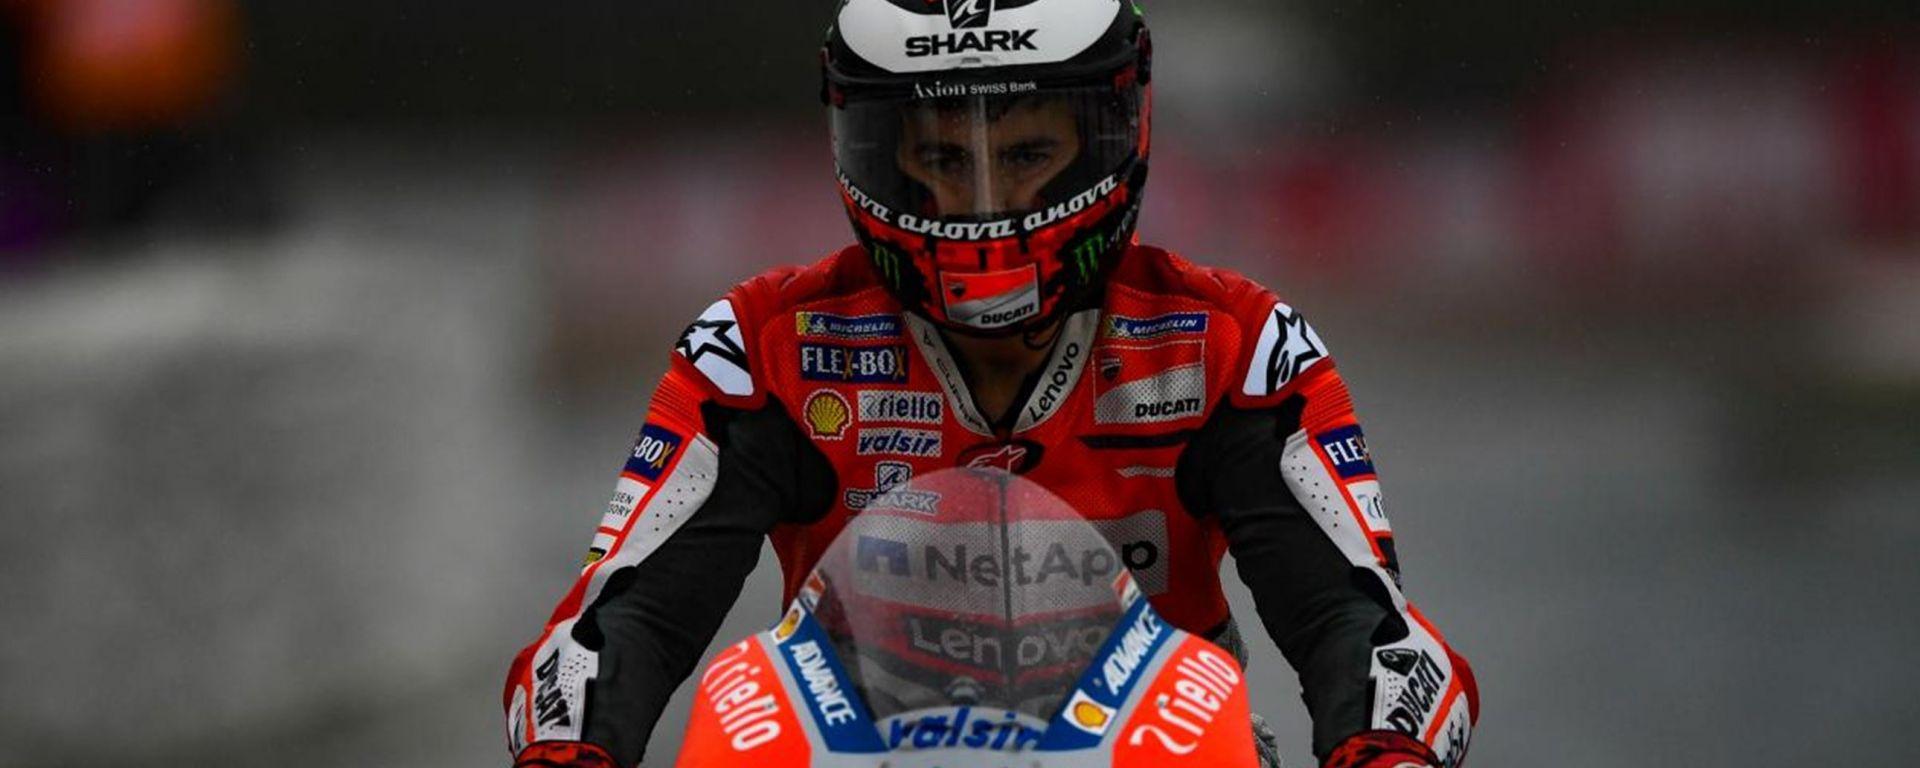 Jorge Lorenzo ai tempi della Ducati